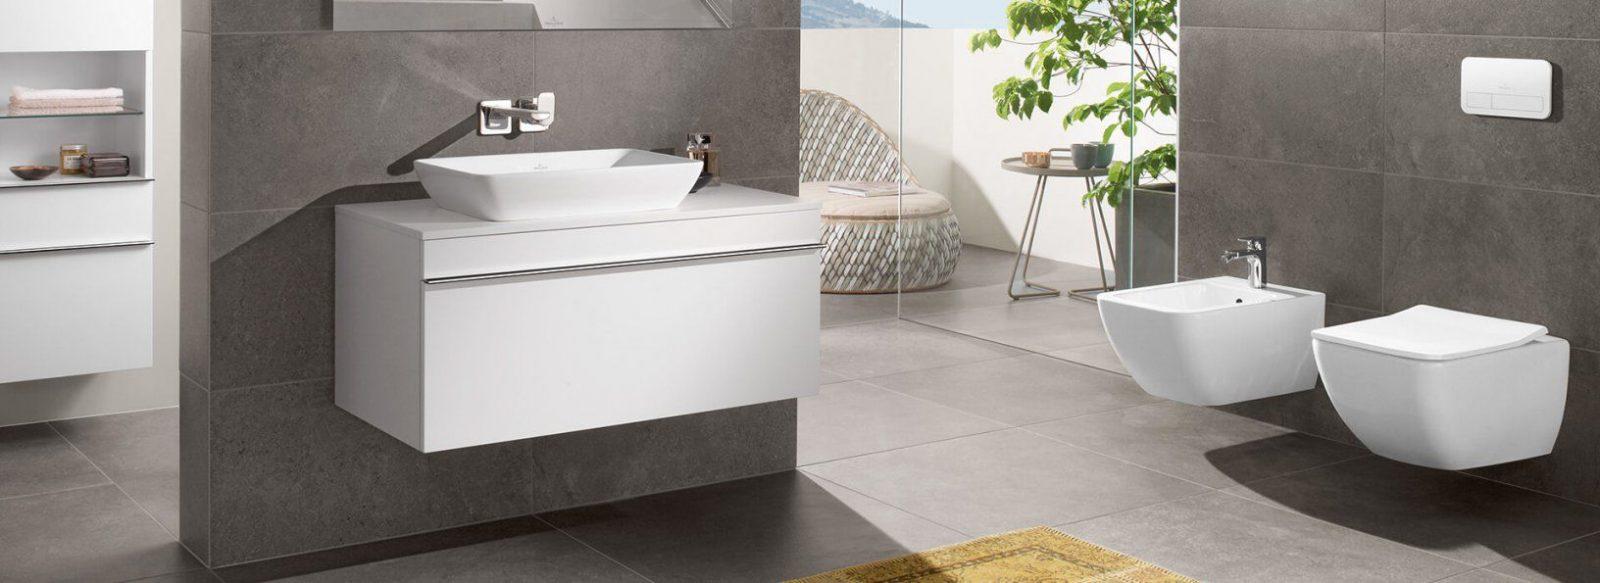 Villeroy And Boch Bathrooms  Rip von Badplaner Villeroy Und Boch Photo